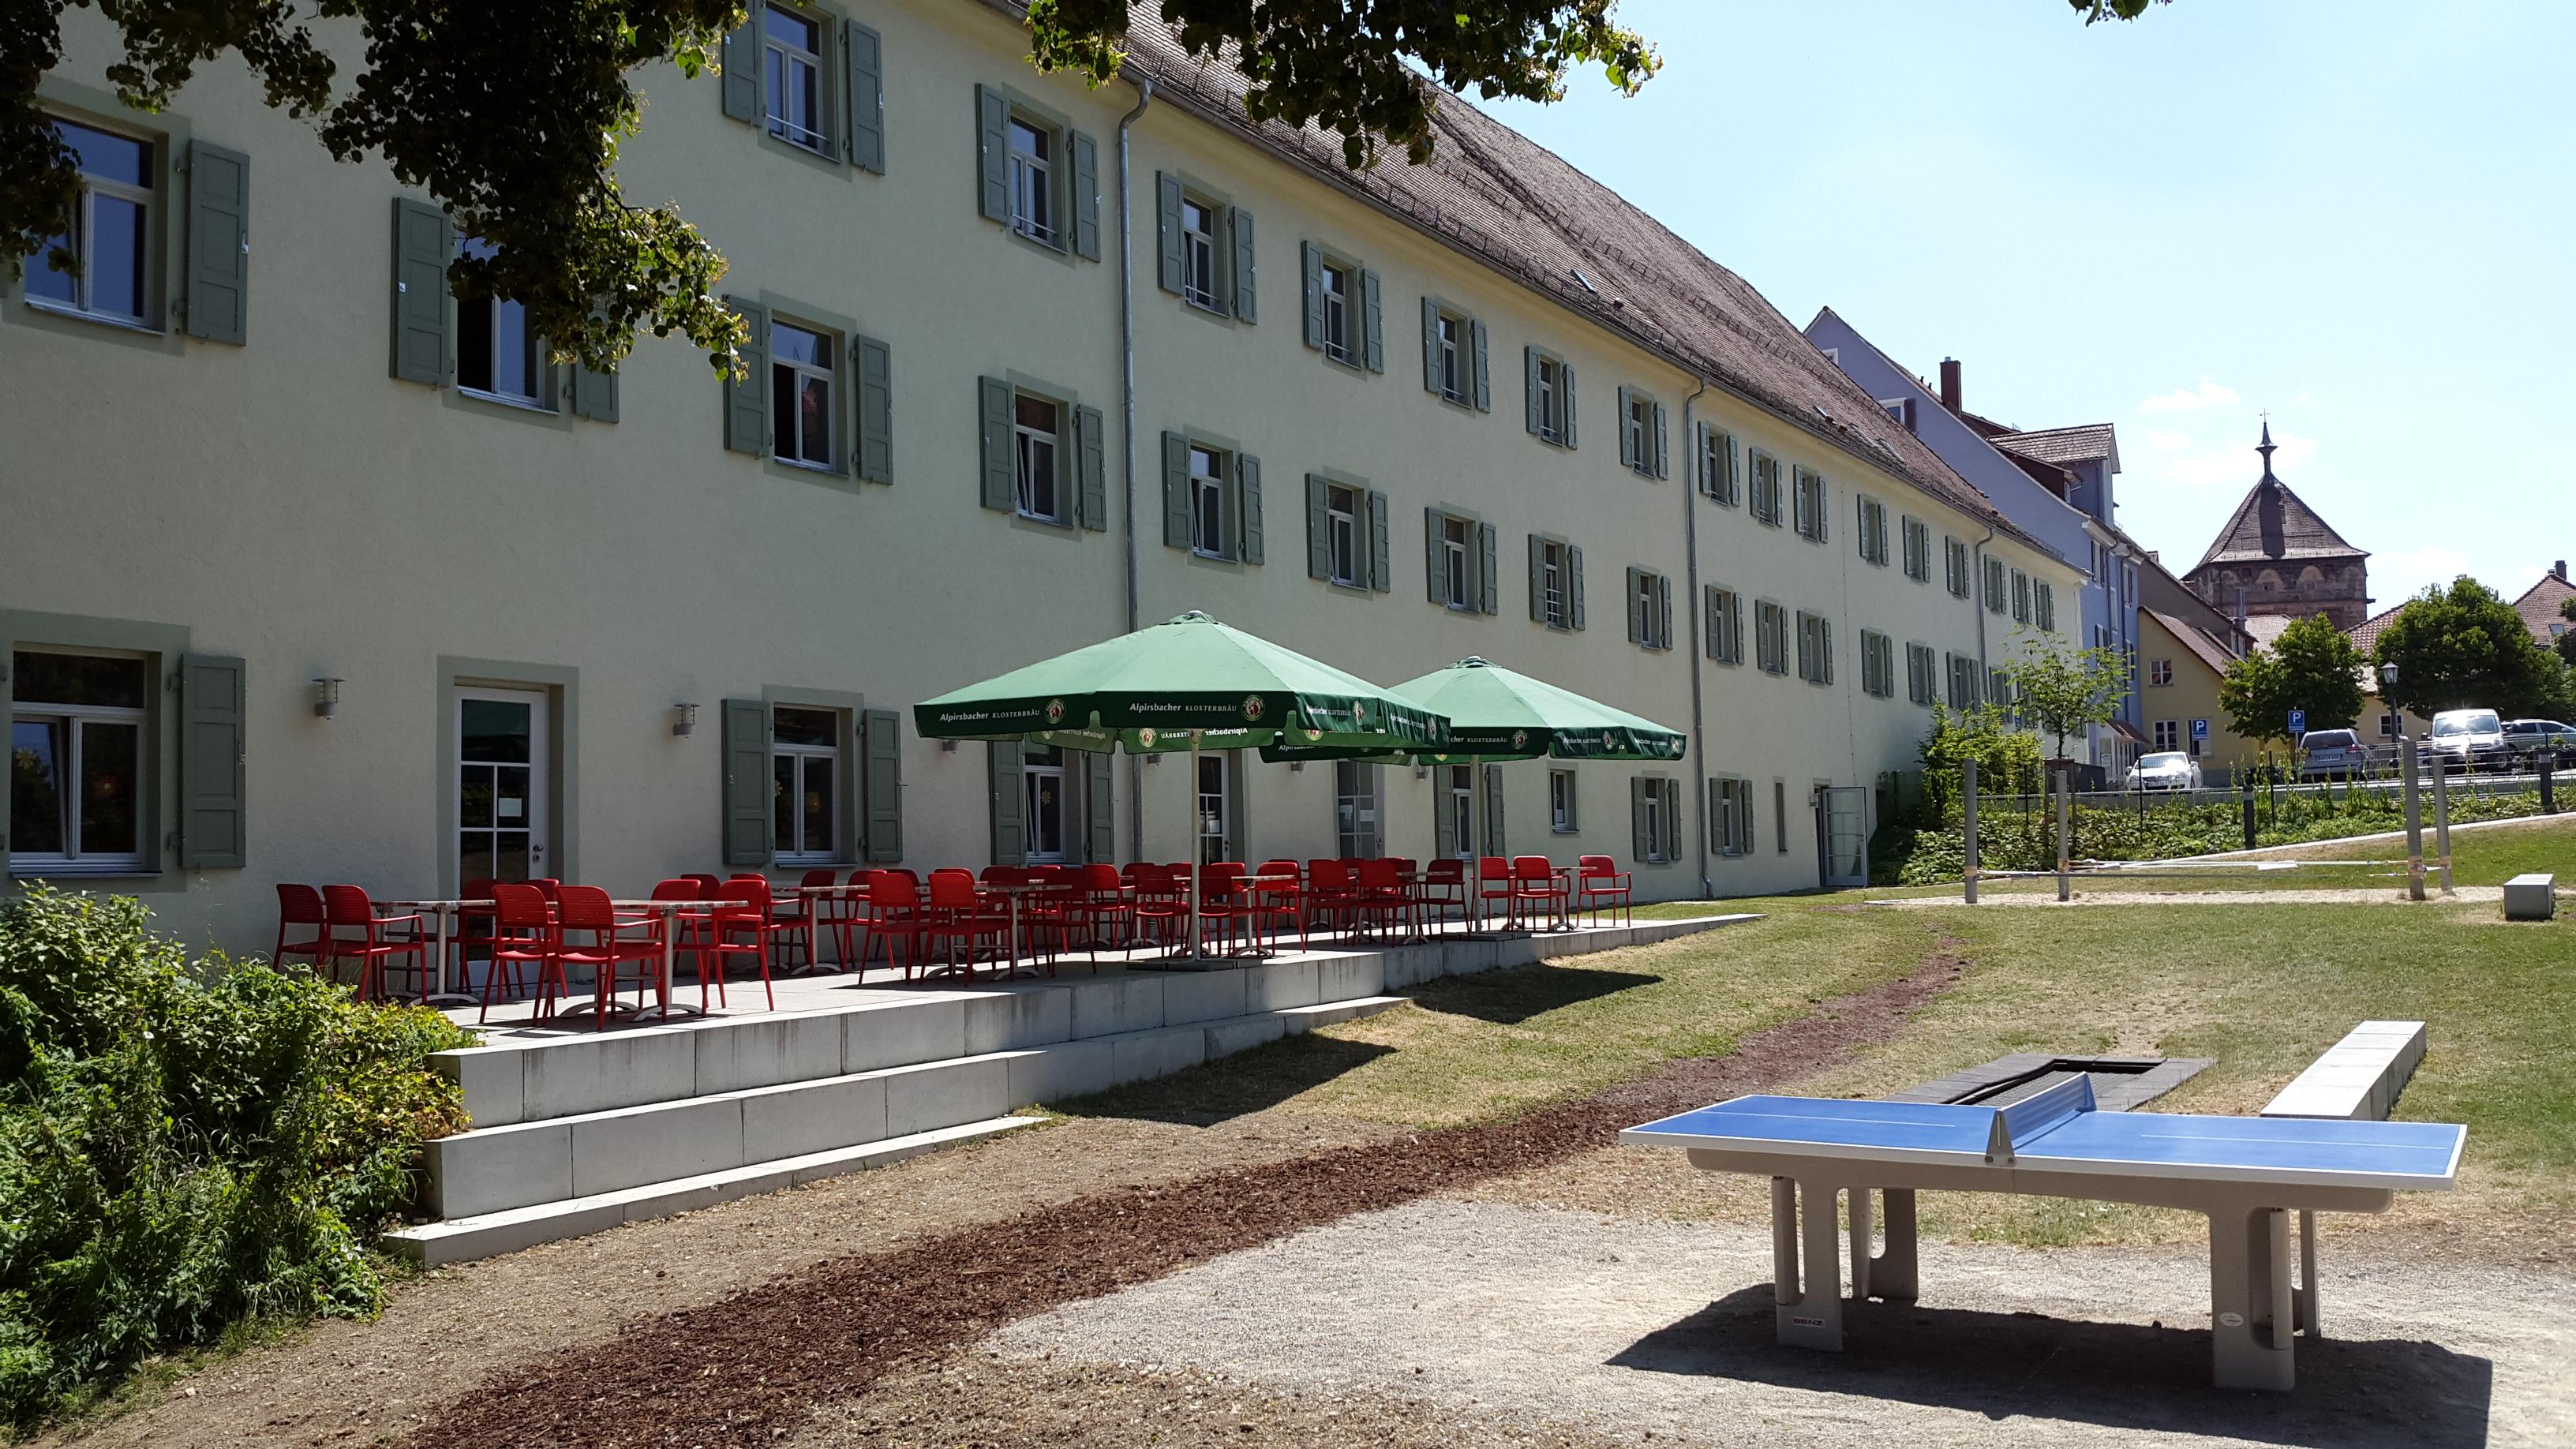 DJH Jugendherberge Rottweil